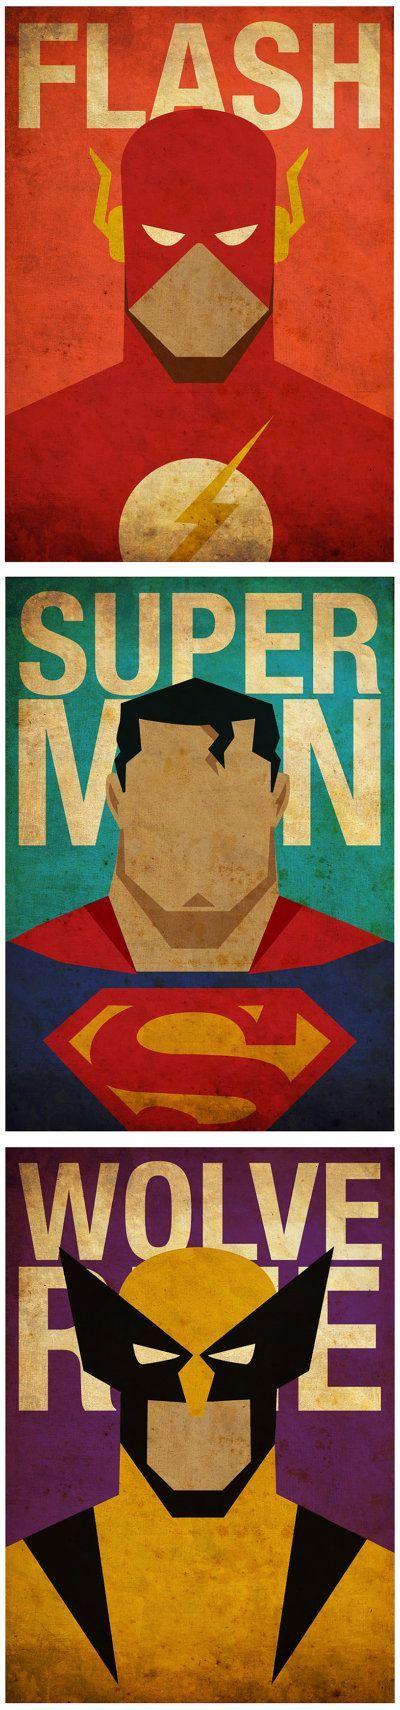 8 x 10 super-héros affiches 6 pour 45 Dollars par MyGeekPosters